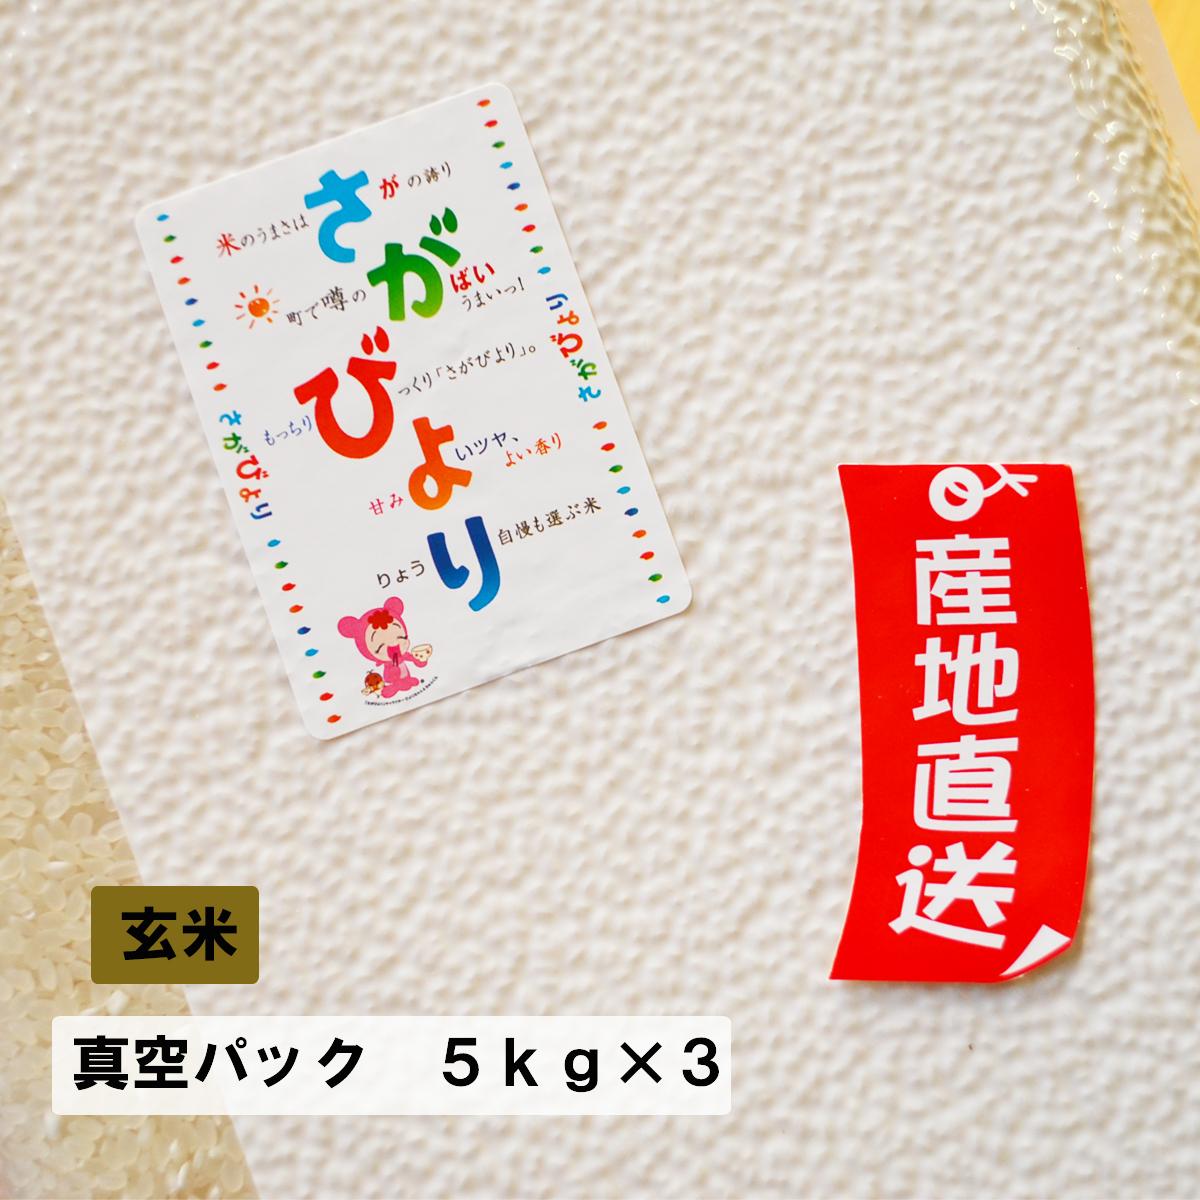 【ふるさと納税】D-3 【真空パック】鹿島市産 さがびより 玄米15kg